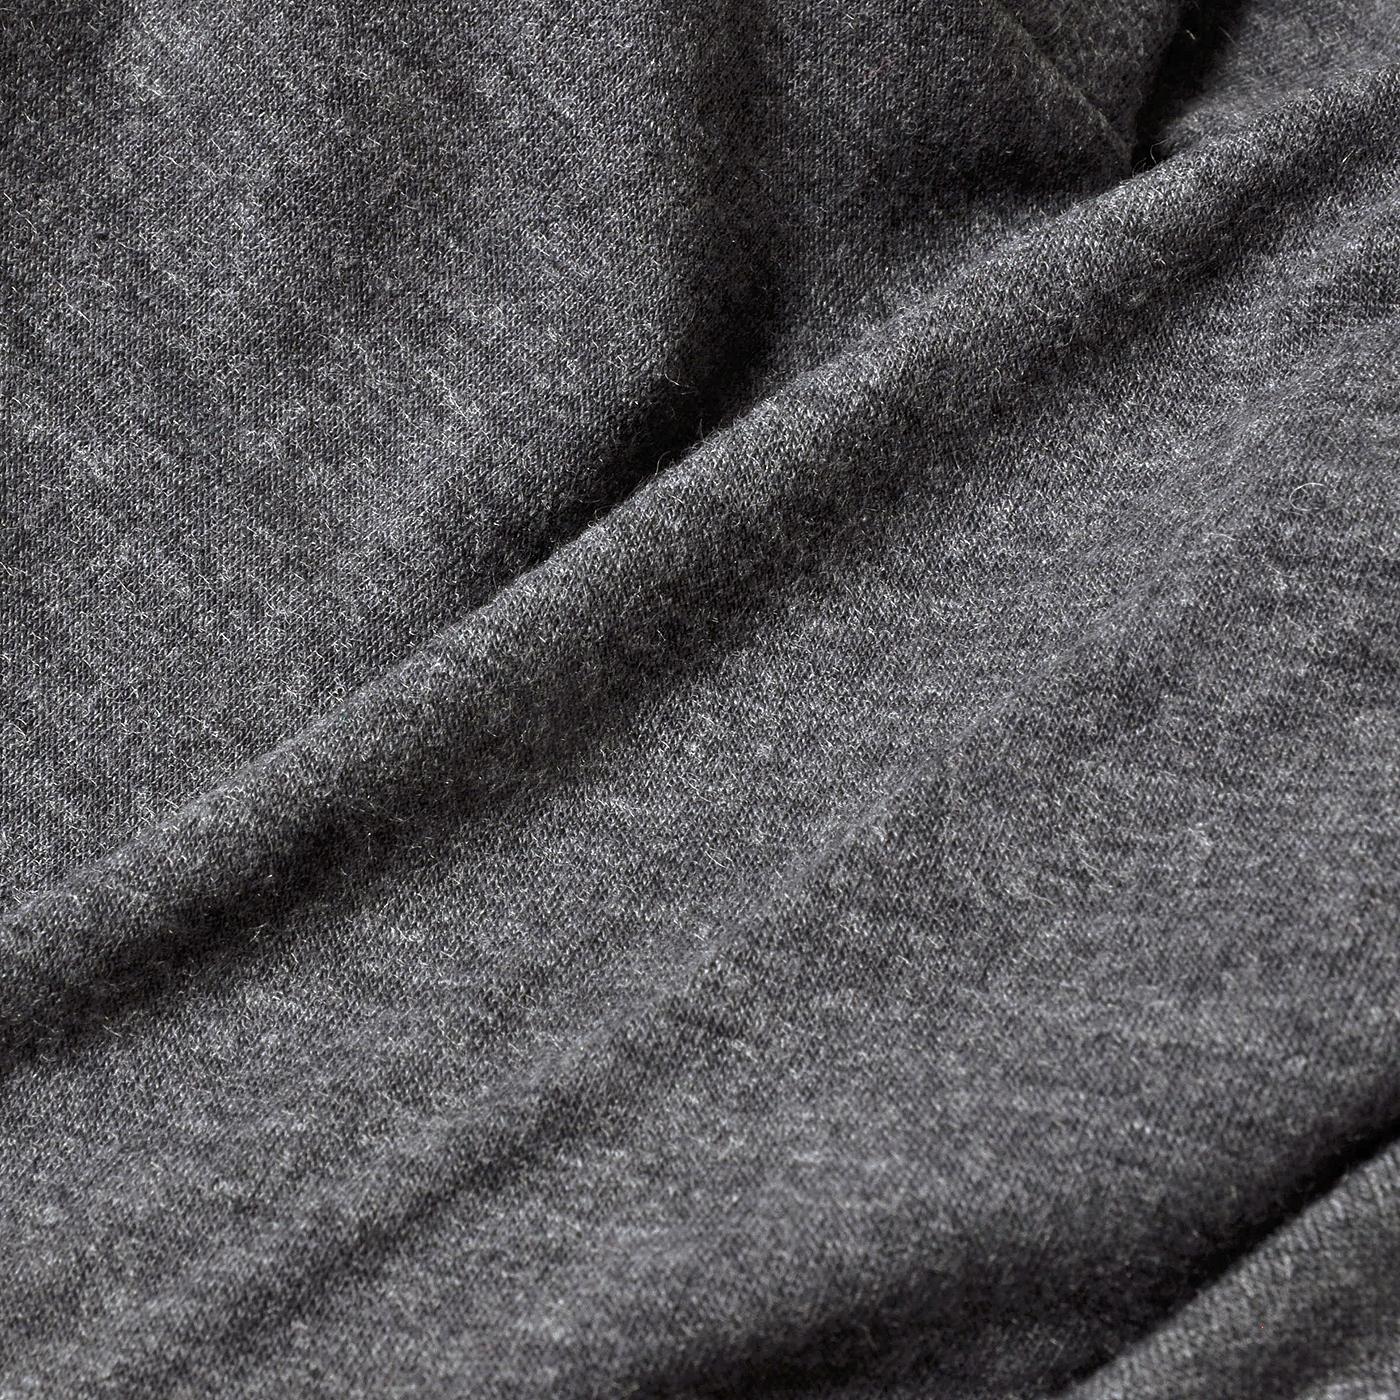 裏地はカットソー素材で、やわらかな肌当たり。